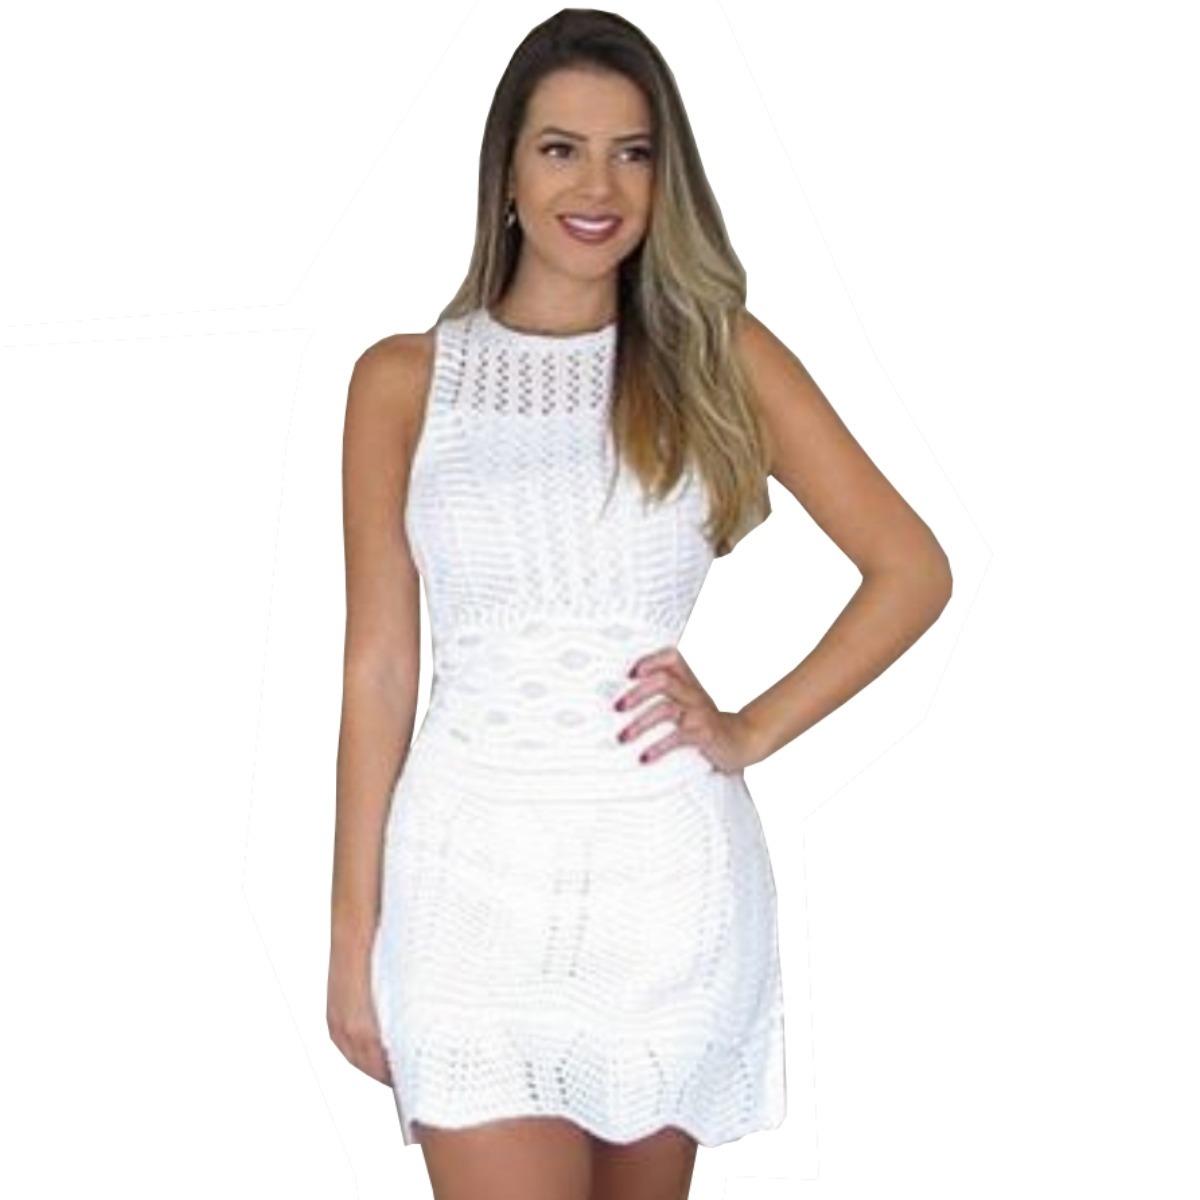 32a06c6c3274 vestido simples curto de formatura tricot trico moda verão. Carregando zoom.